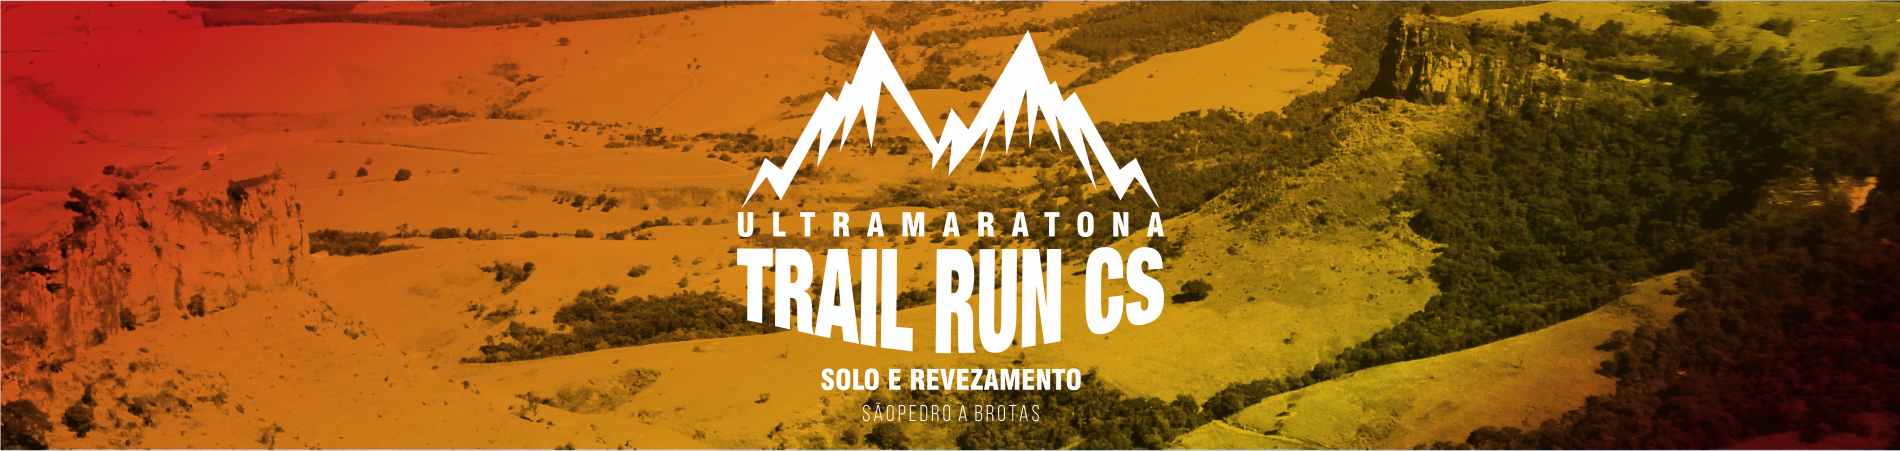 ULTRAMARATONA TRAIL RUN CS - Imagem de topo